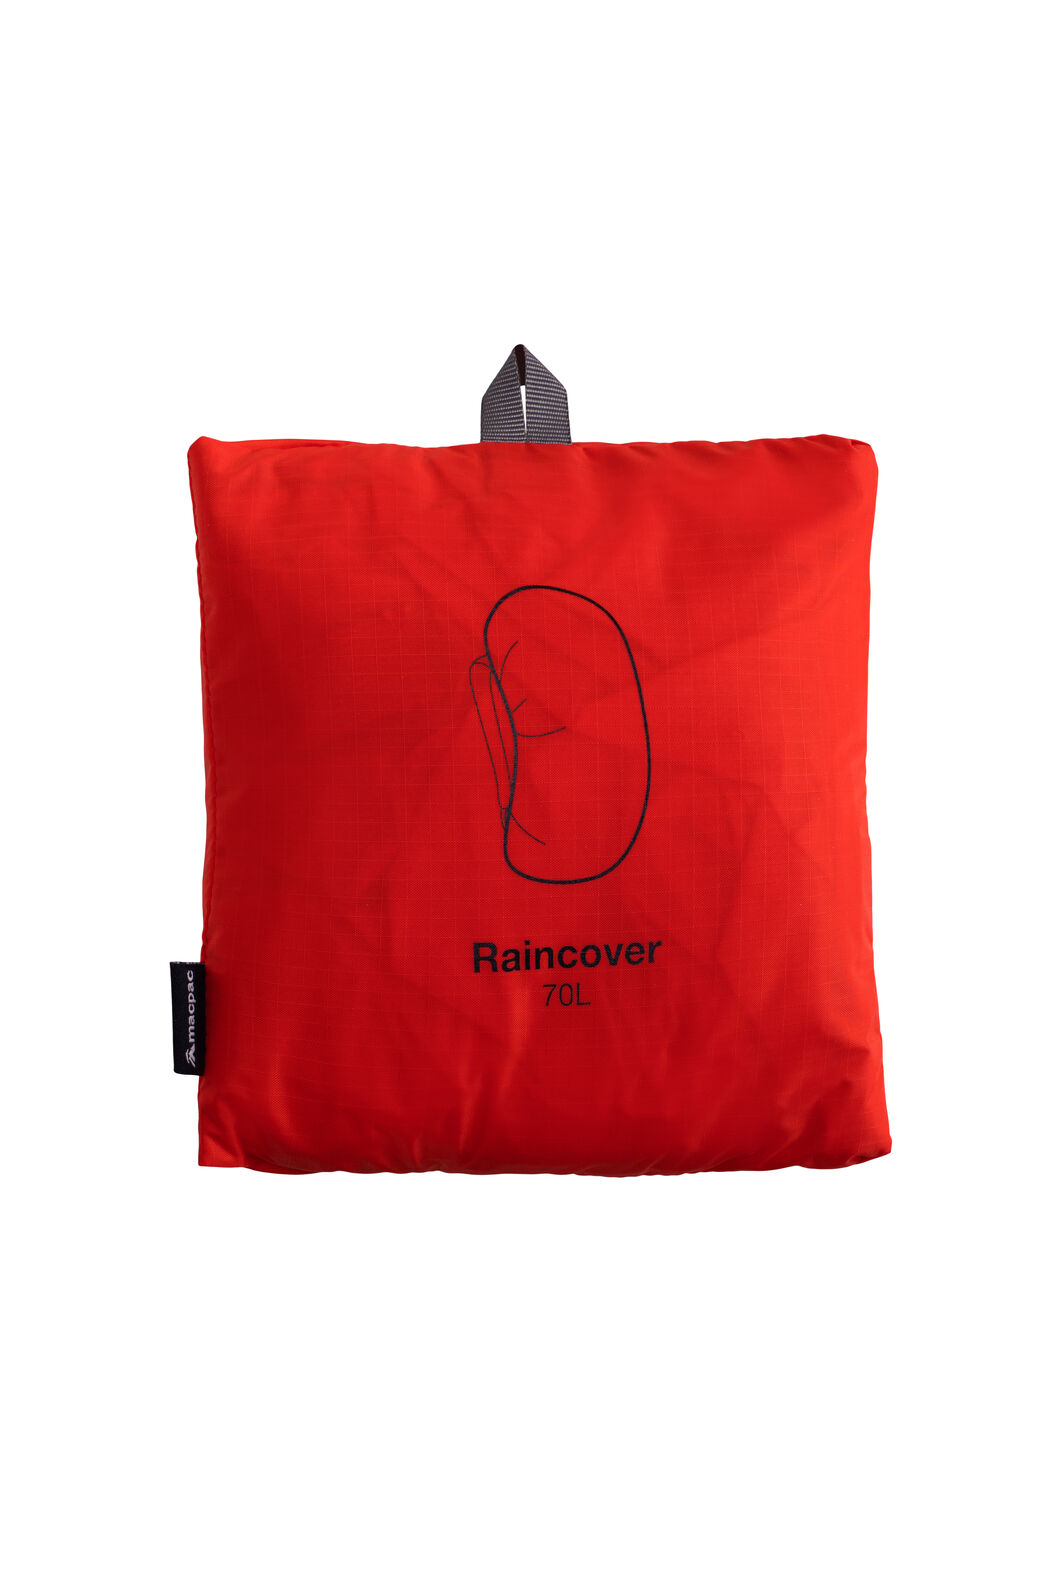 Macpac Pack Raincover — Large, Indicator, hi-res